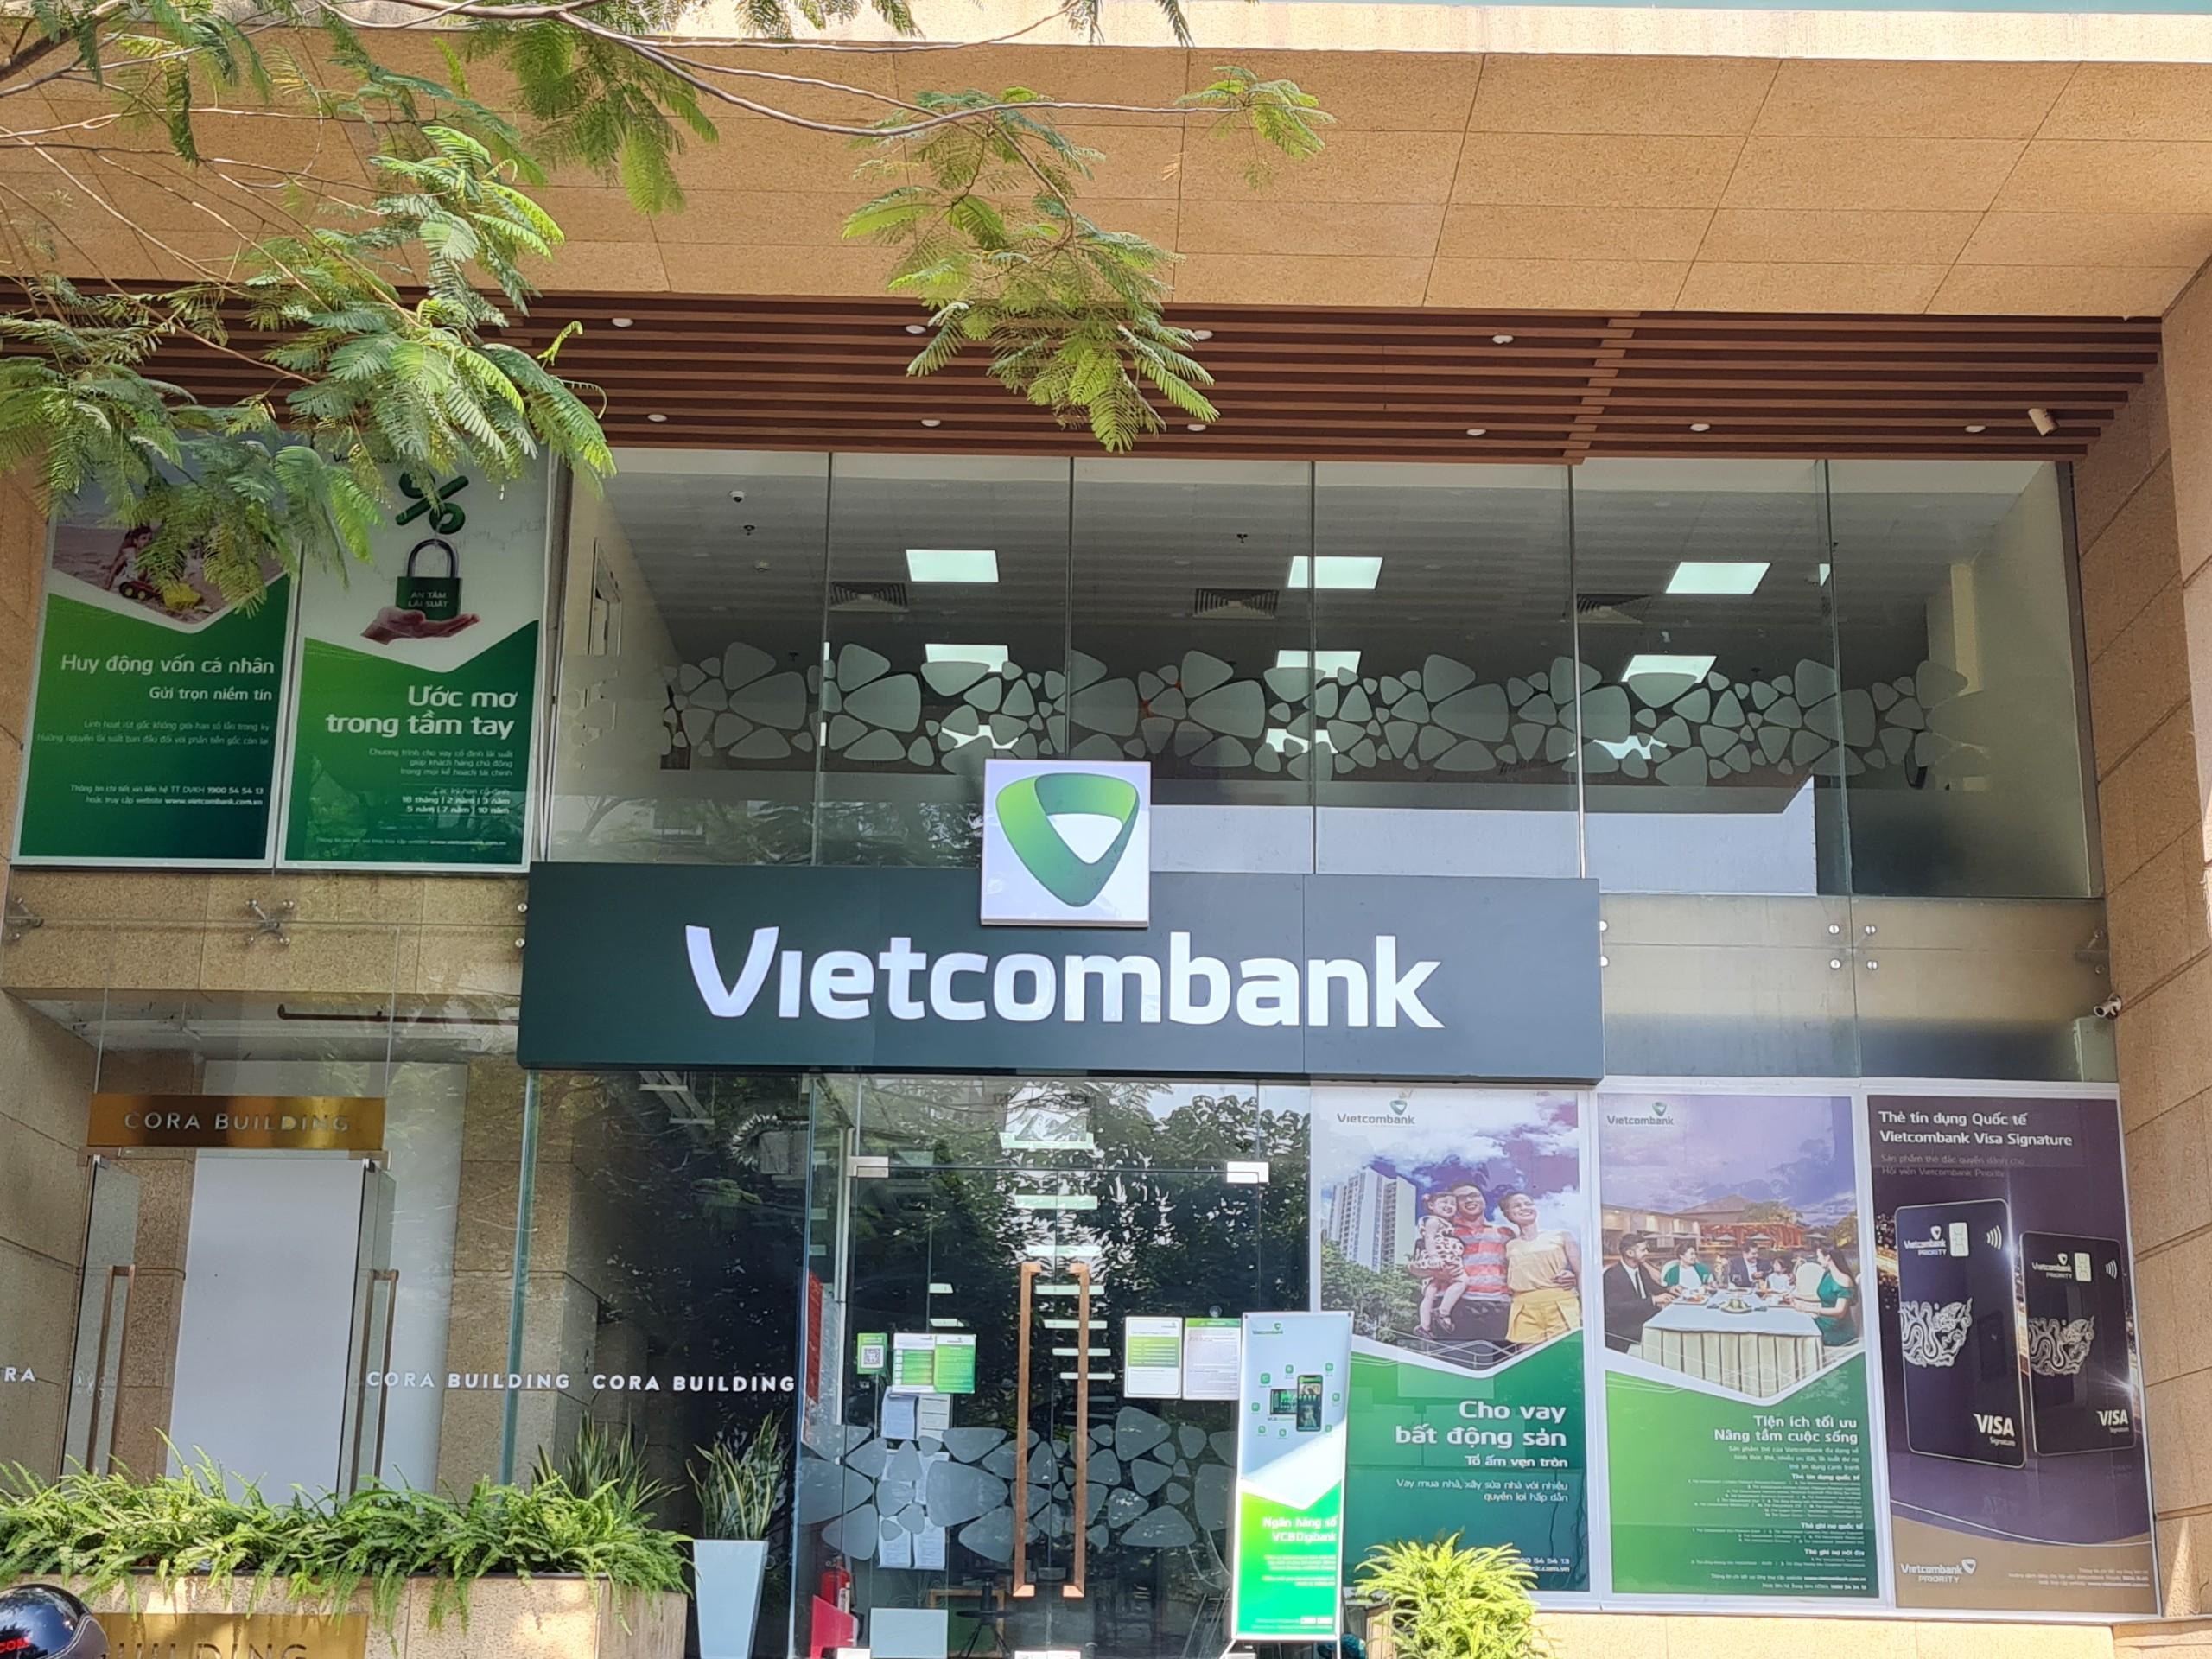 Vietcombank giảm tới 1% lãi suất cho vay đối với các doanh nghiệp - Ảnh 1.